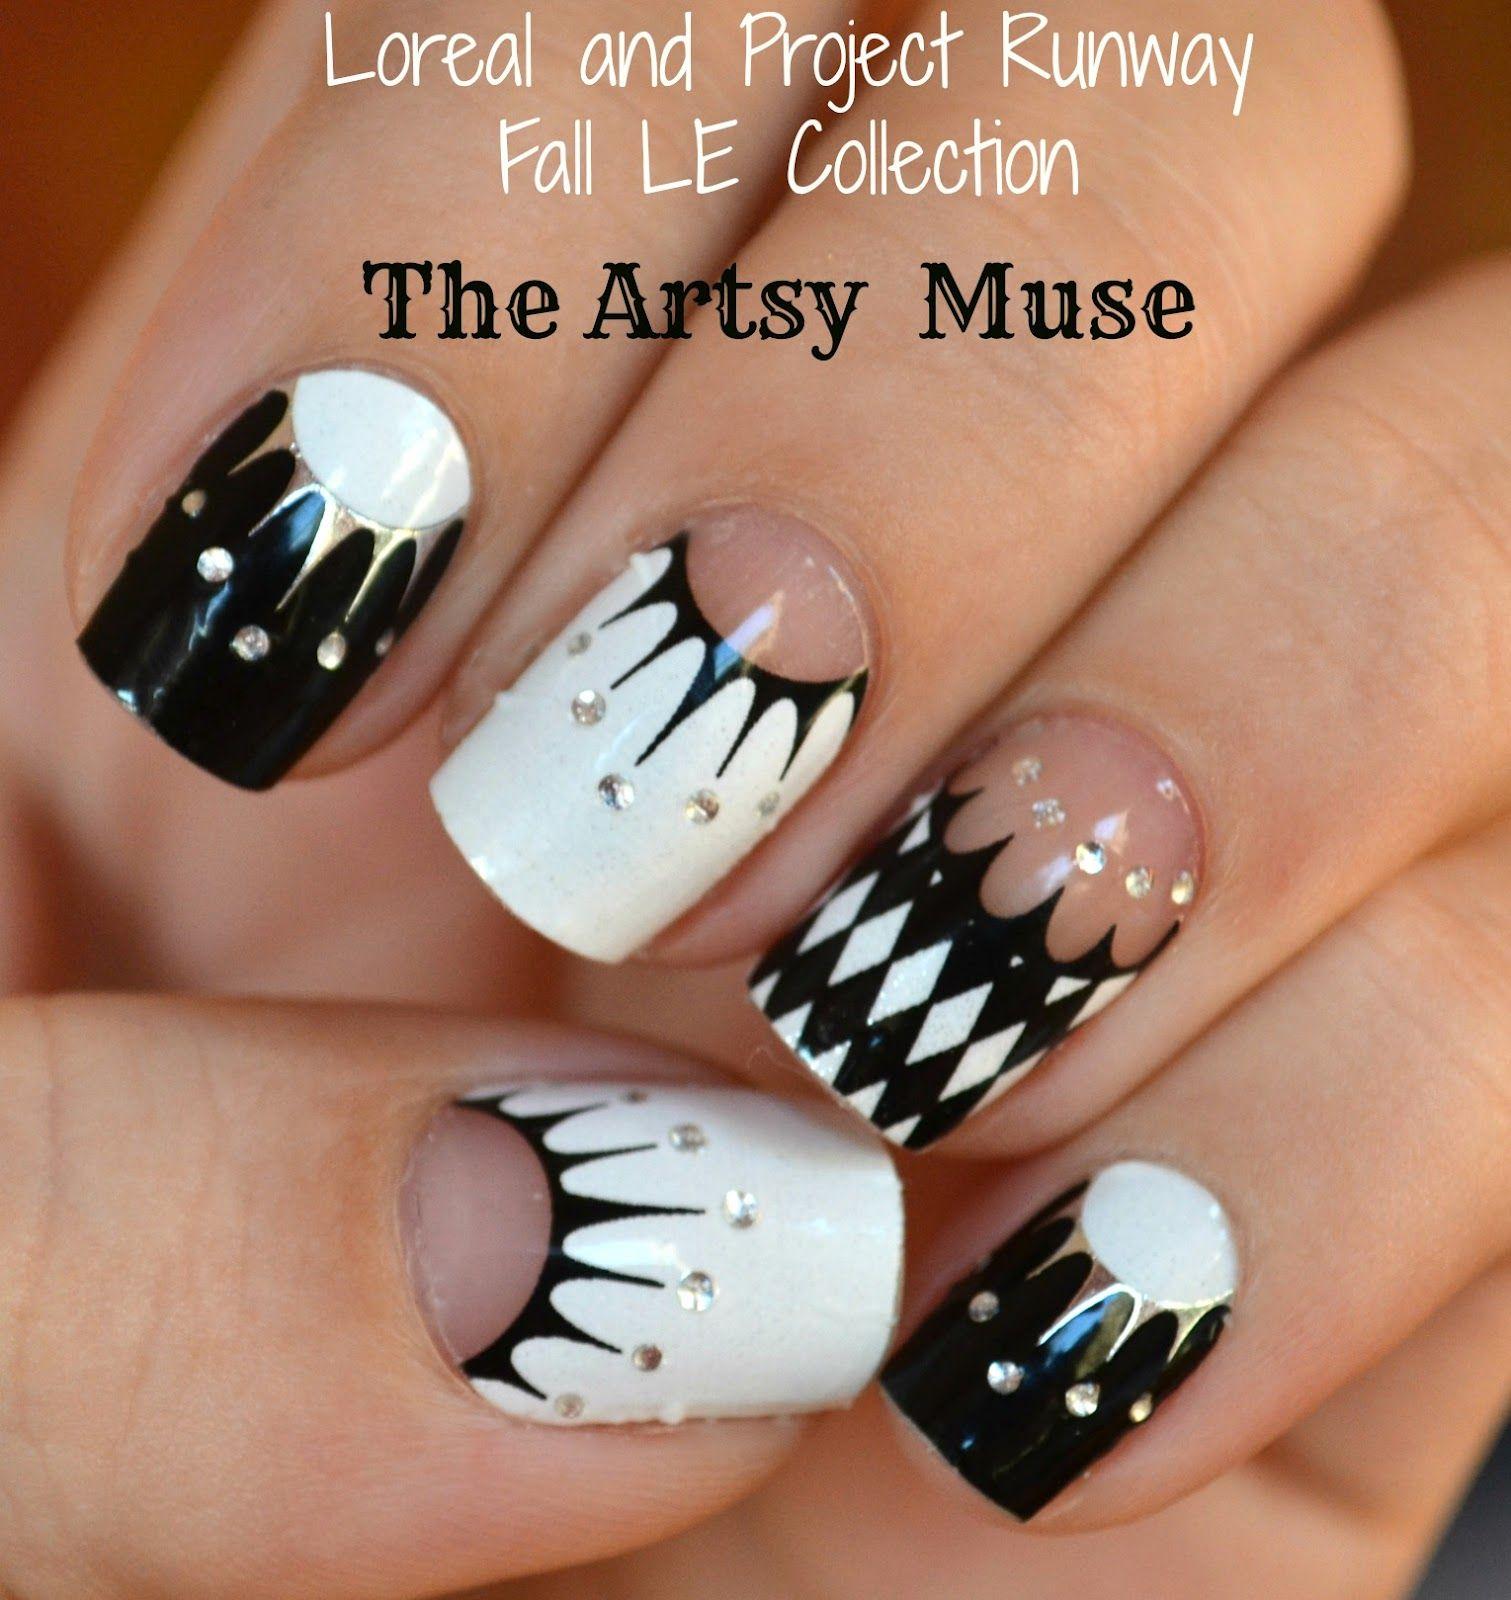 My Nail Graffiti: Loreal and Project Runway The Artsy Muse Nail ...